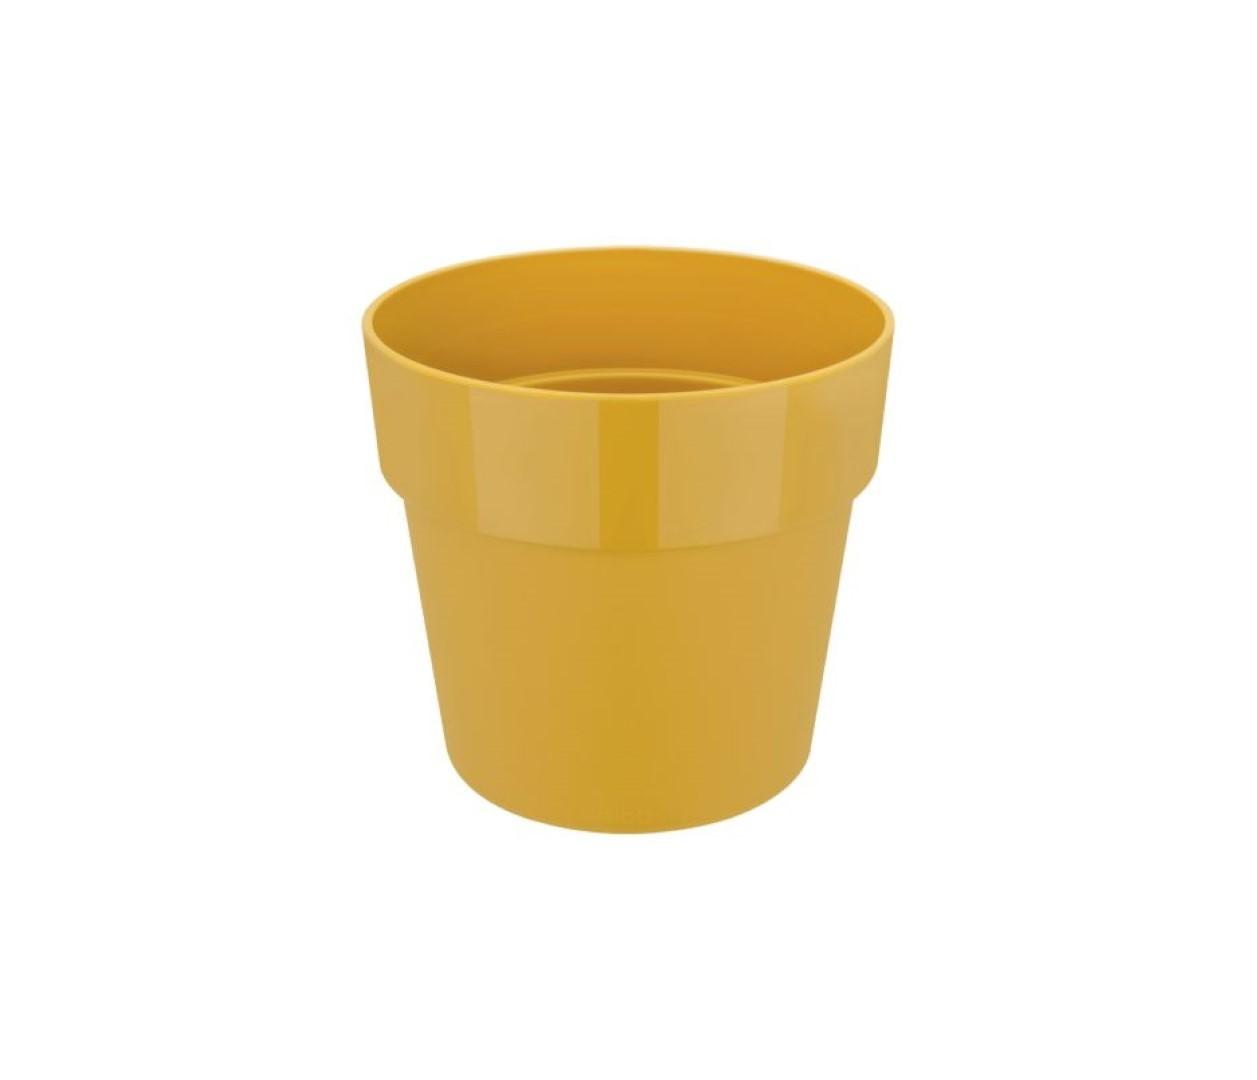 B.for original rond 30 bloempot oker binnen dia. 29,5 x h 27,2 cm